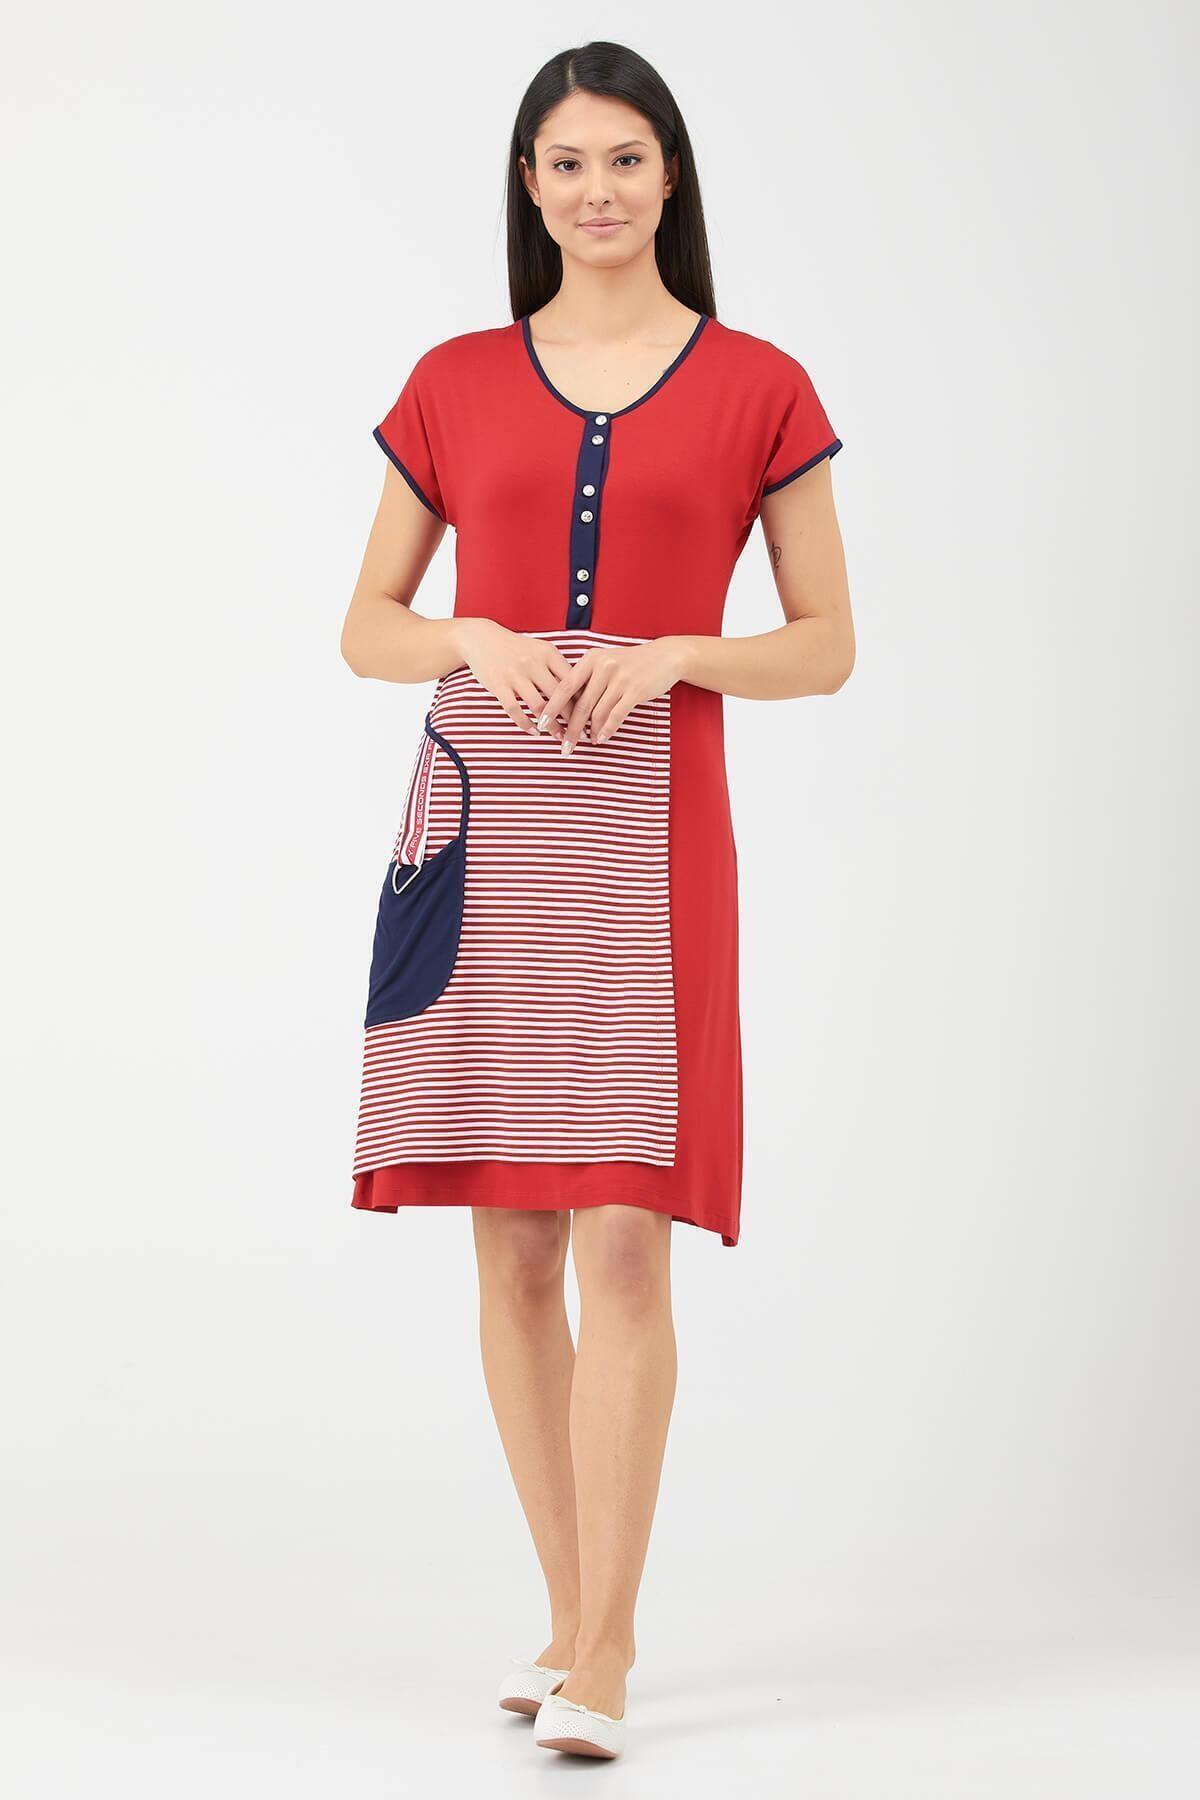 Kadın Patlı Cep Detaylı Marine Elbise - Kırmızı